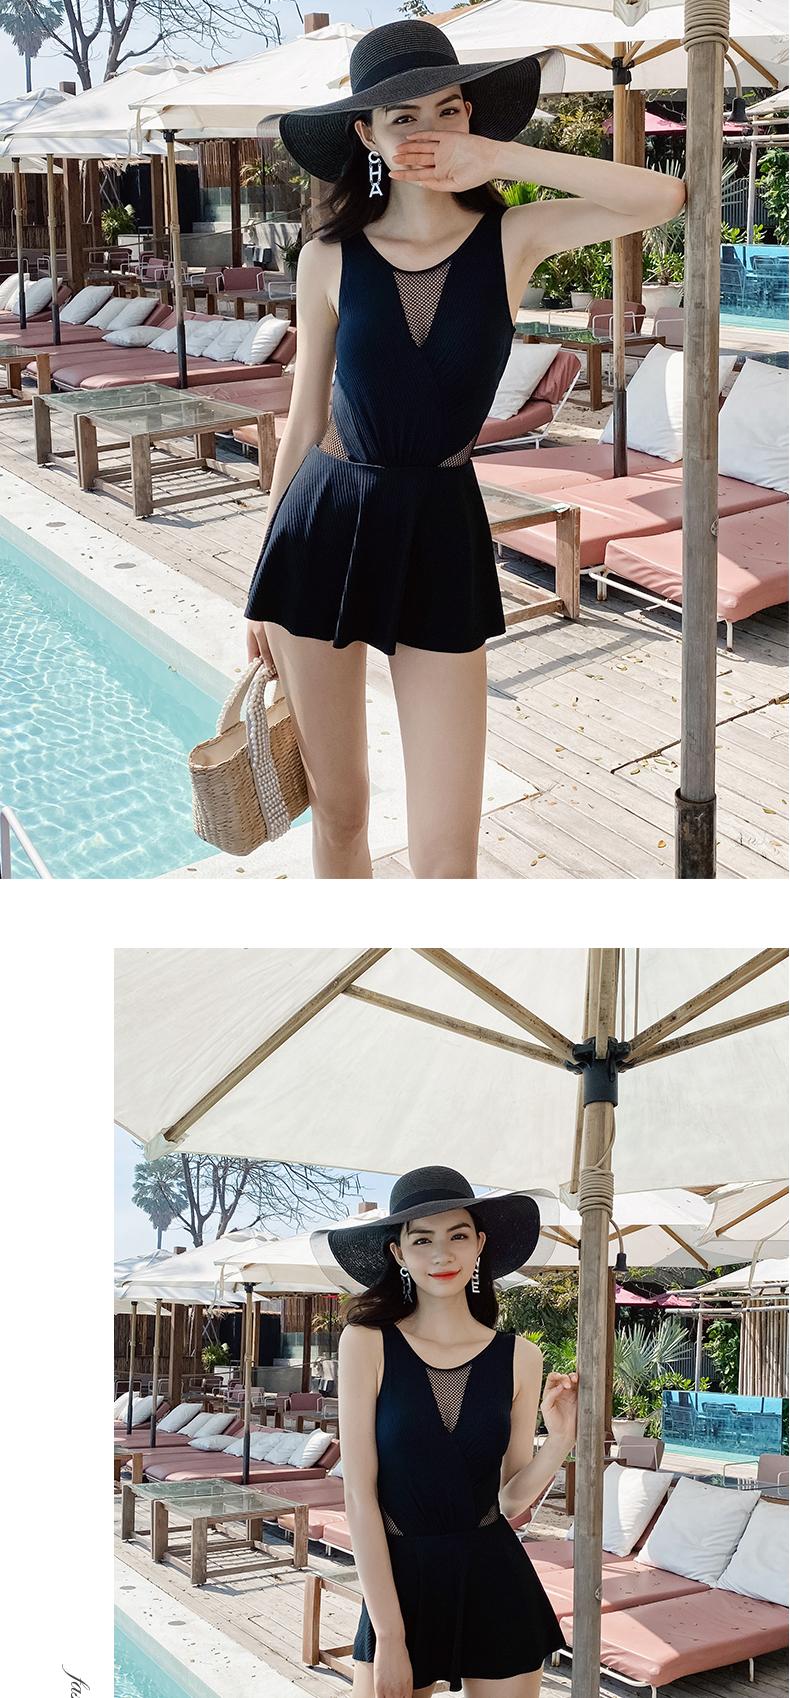 新款泳衣女夏显瘦遮肚温泉连身裙式保守小胸聚拢性感韩国详细照片